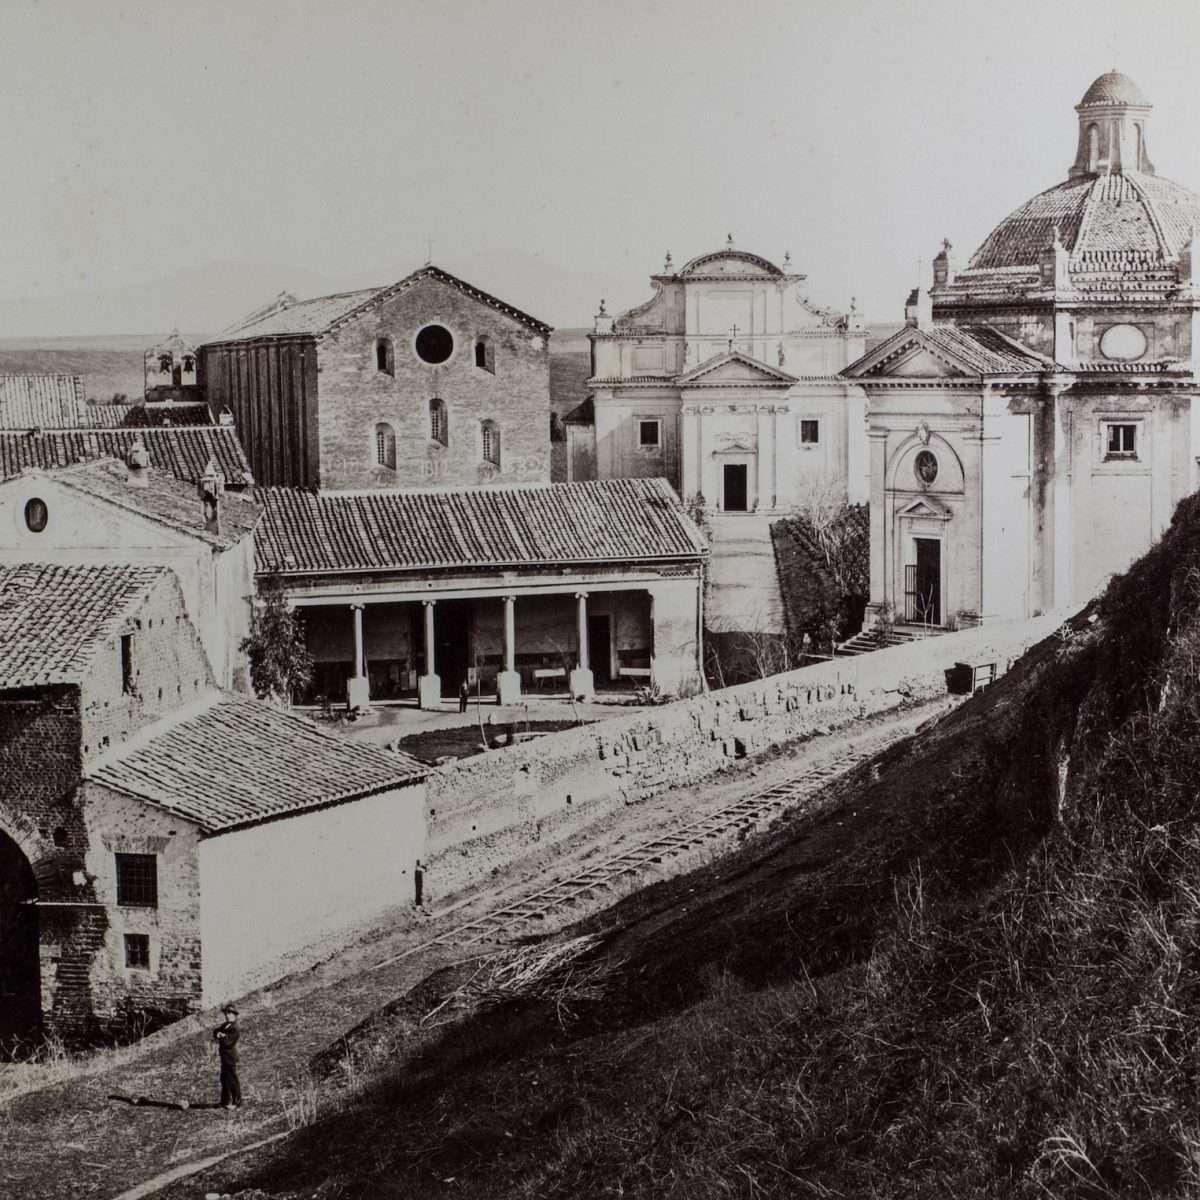 L-1090216-2 - Abbazia 3 Fontane